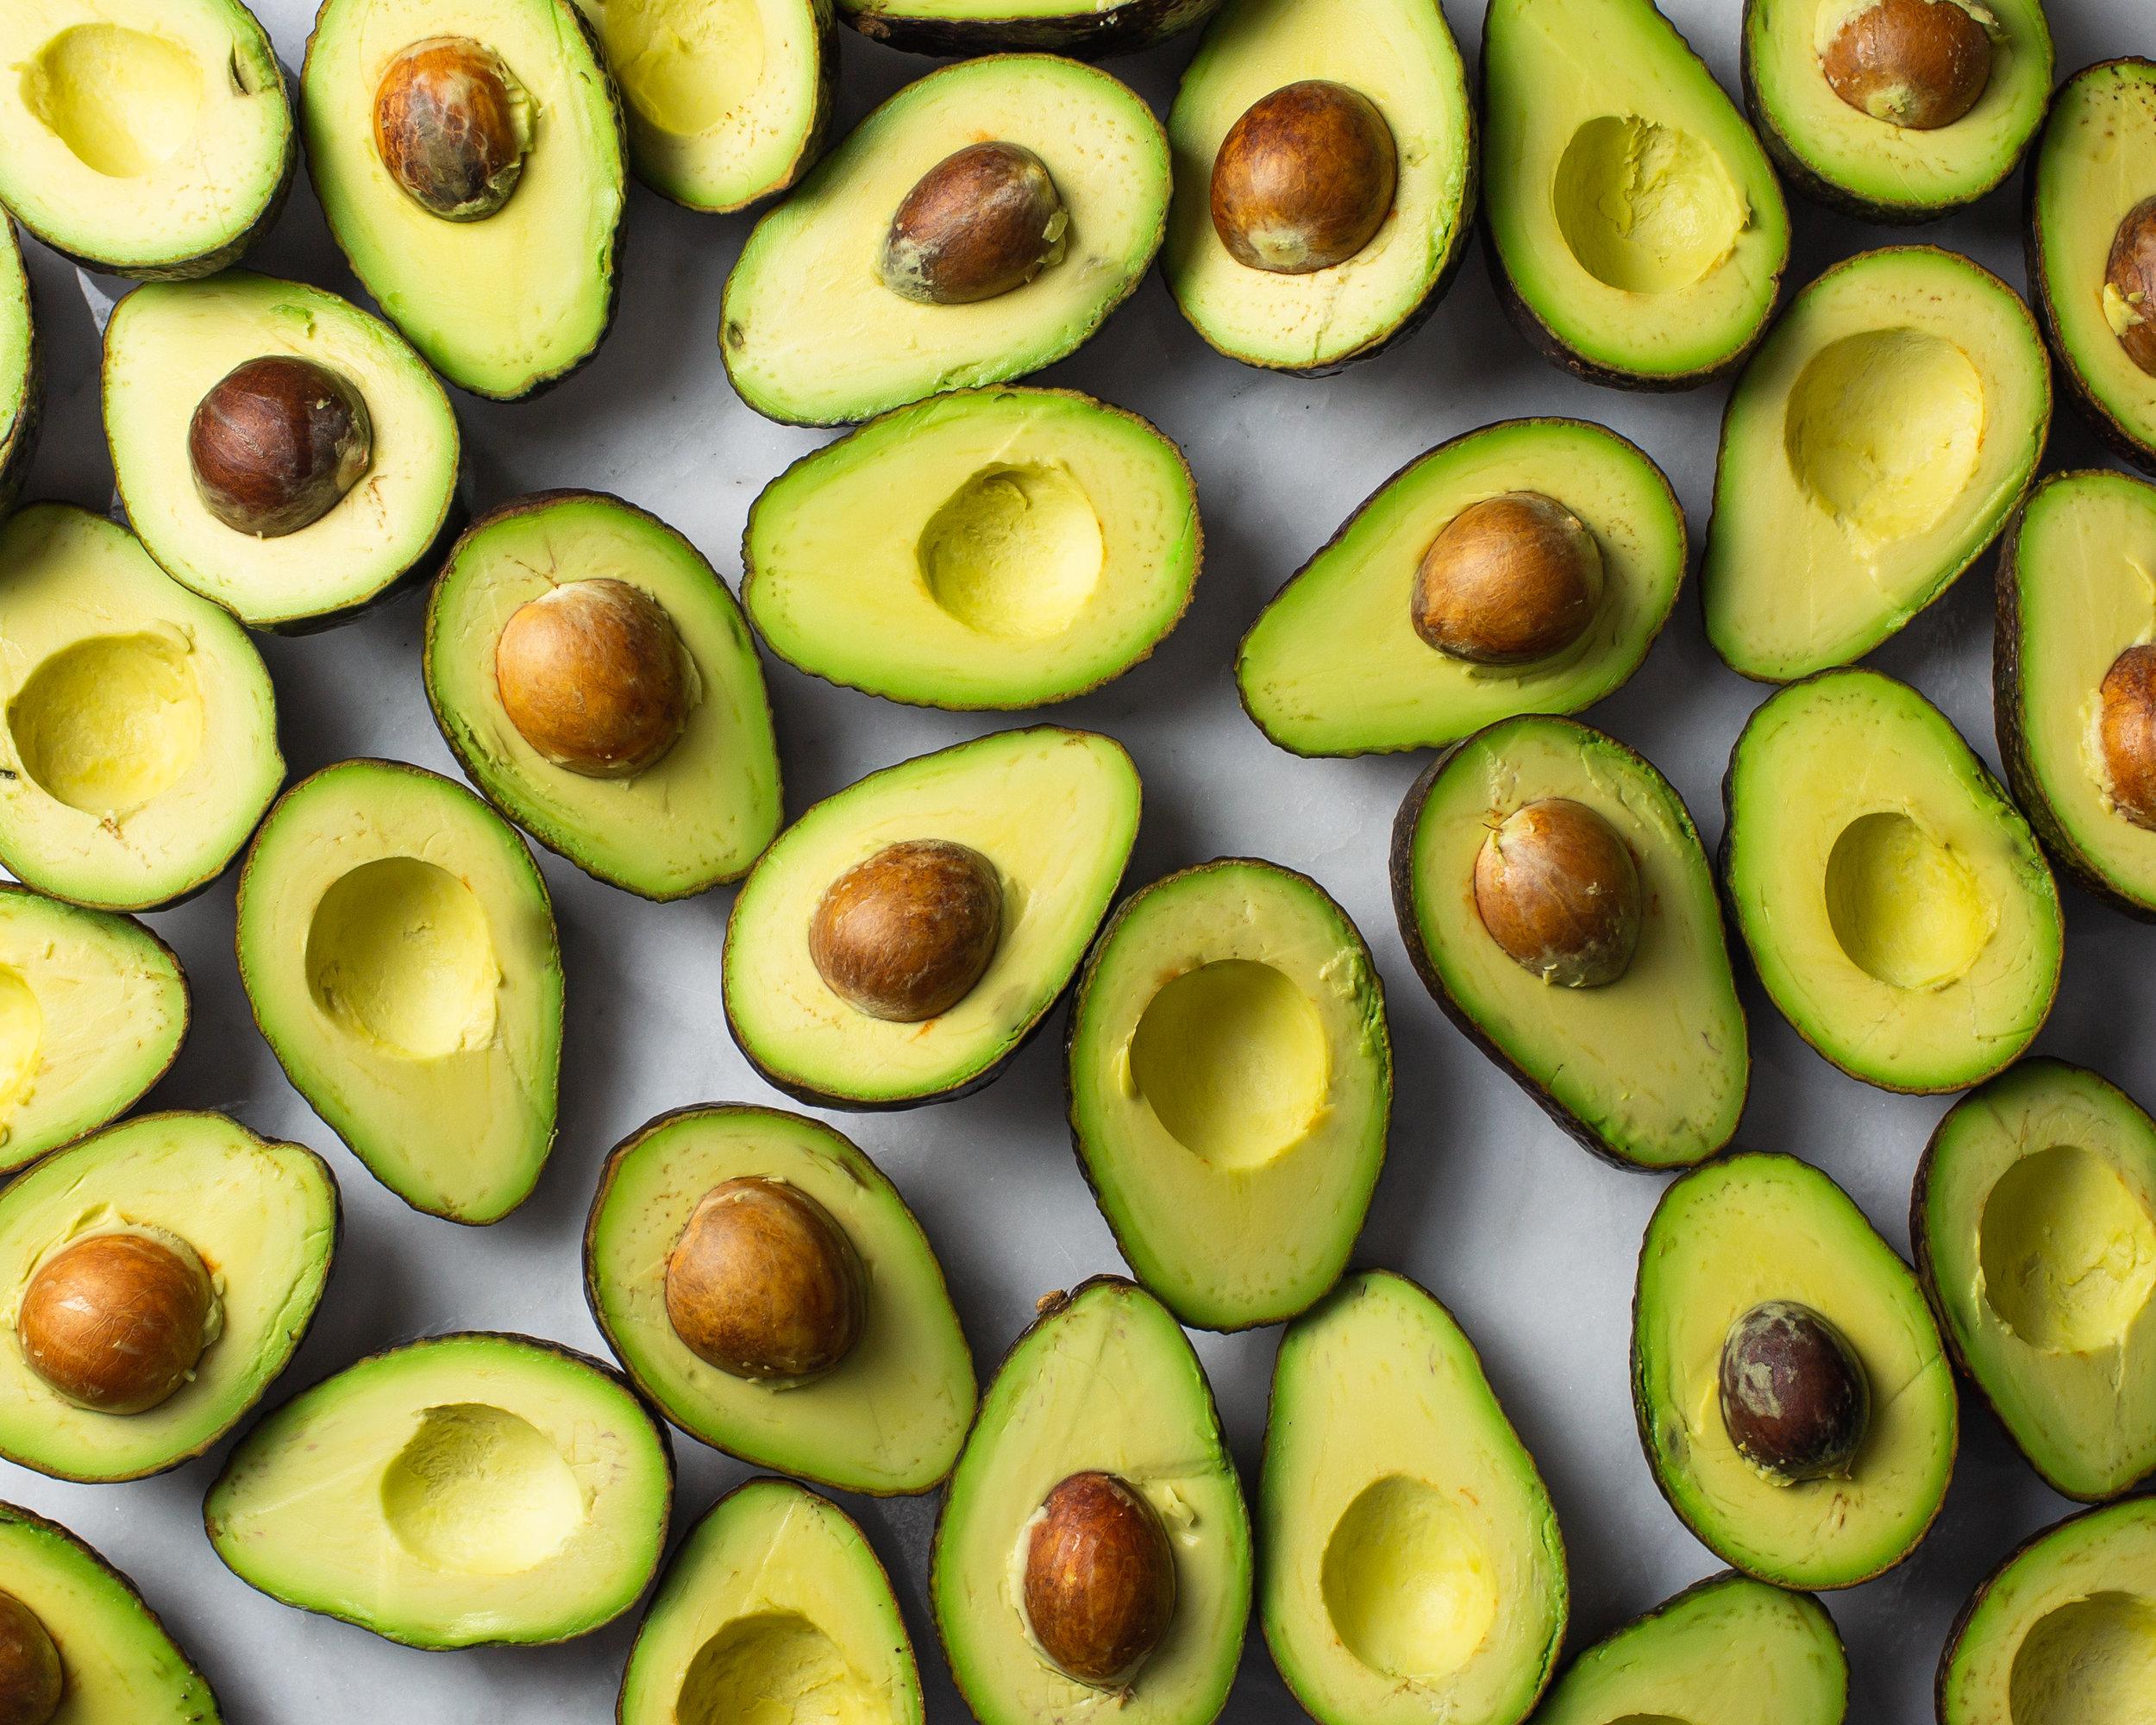 Avocados February 2019-7.jpg